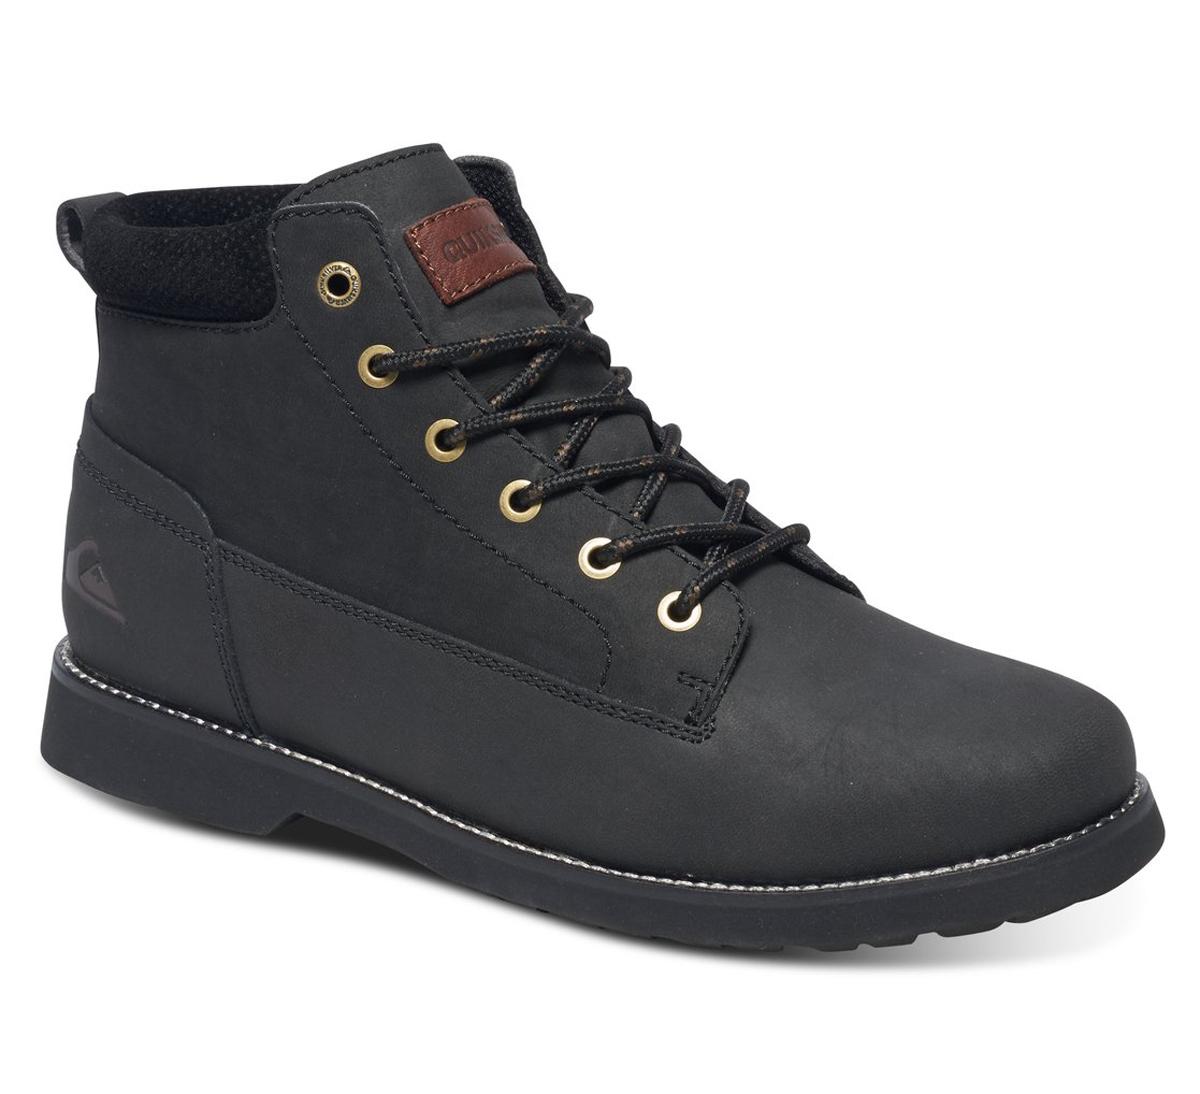 БотинкиAQYB700022-SBKMМужские ботинки Mission II от Quiksilver выполнены из натуральной кожи. Классическая шнуровка надежно зафиксирует модель на ноге. Удобные люверсы в стиле бордшортов позволяют быстро снимать и надевать ботинки. Многослойная стелька с функцией поддержки подъема стопы обеспечивает комфорт при движении.